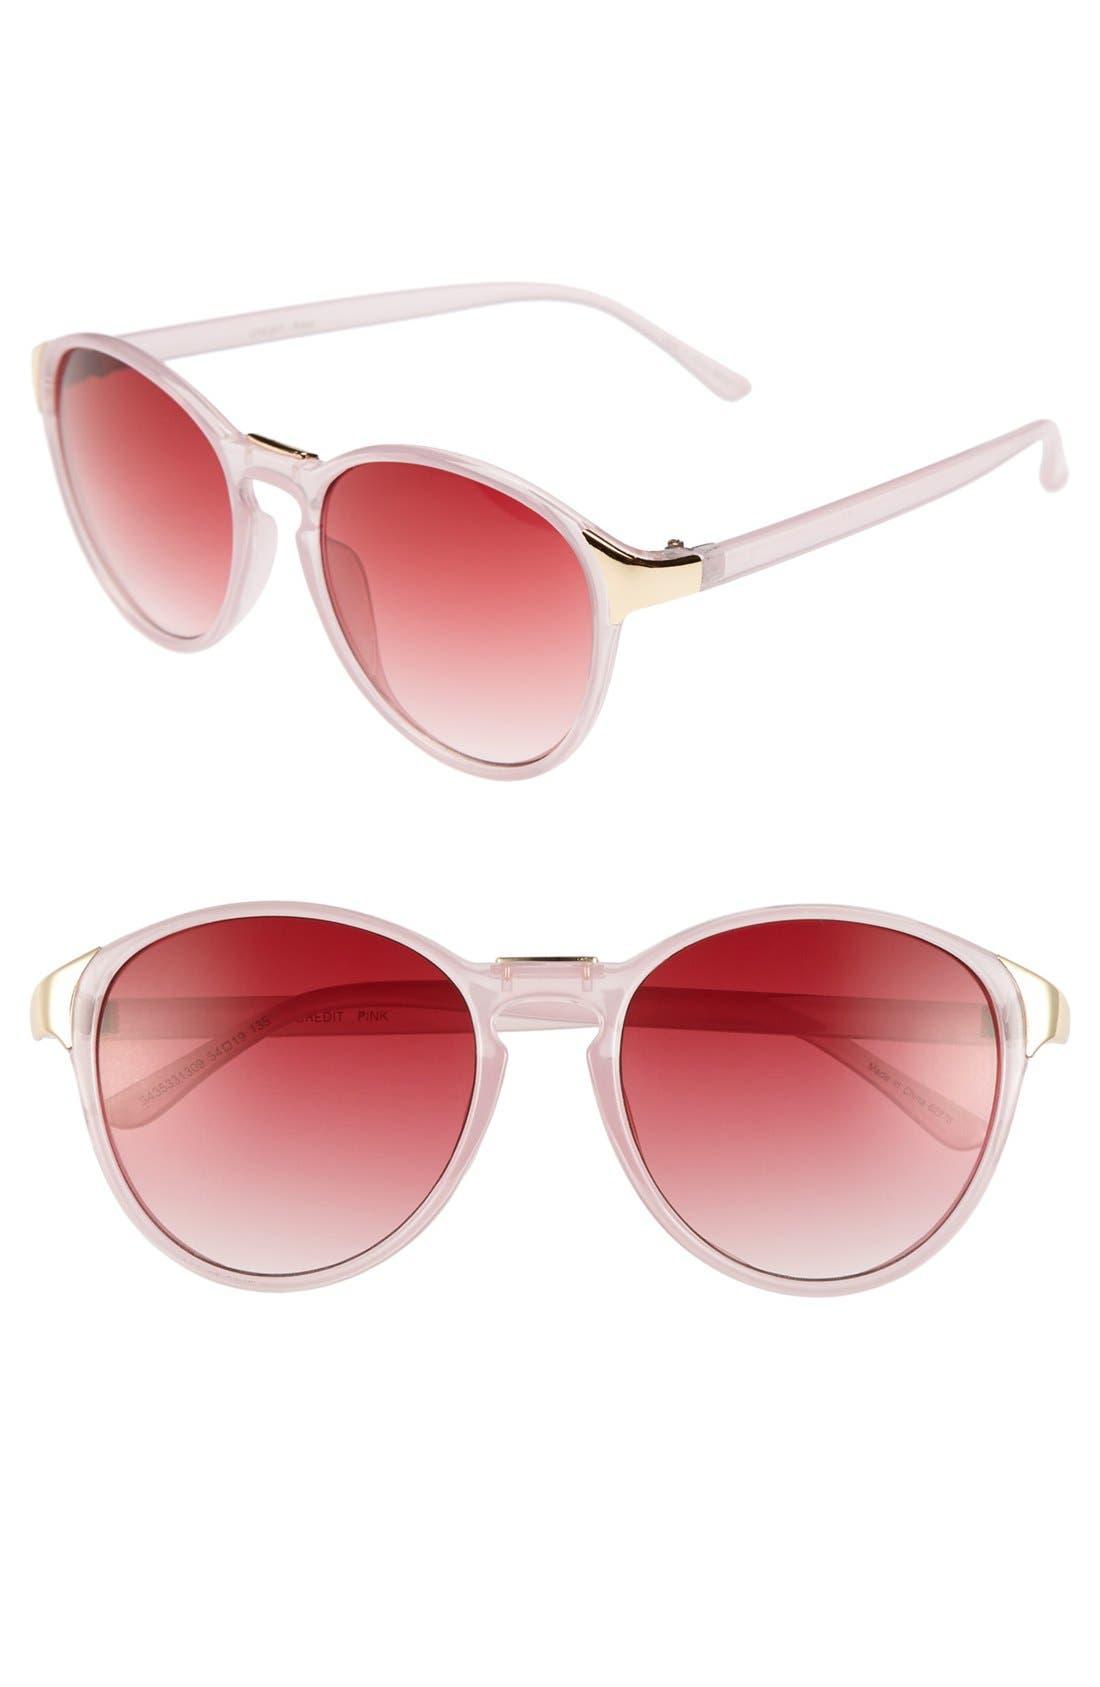 Alternate Image 1 Selected - Outlook Eyewear 'Credit' 54mm Sunglasses